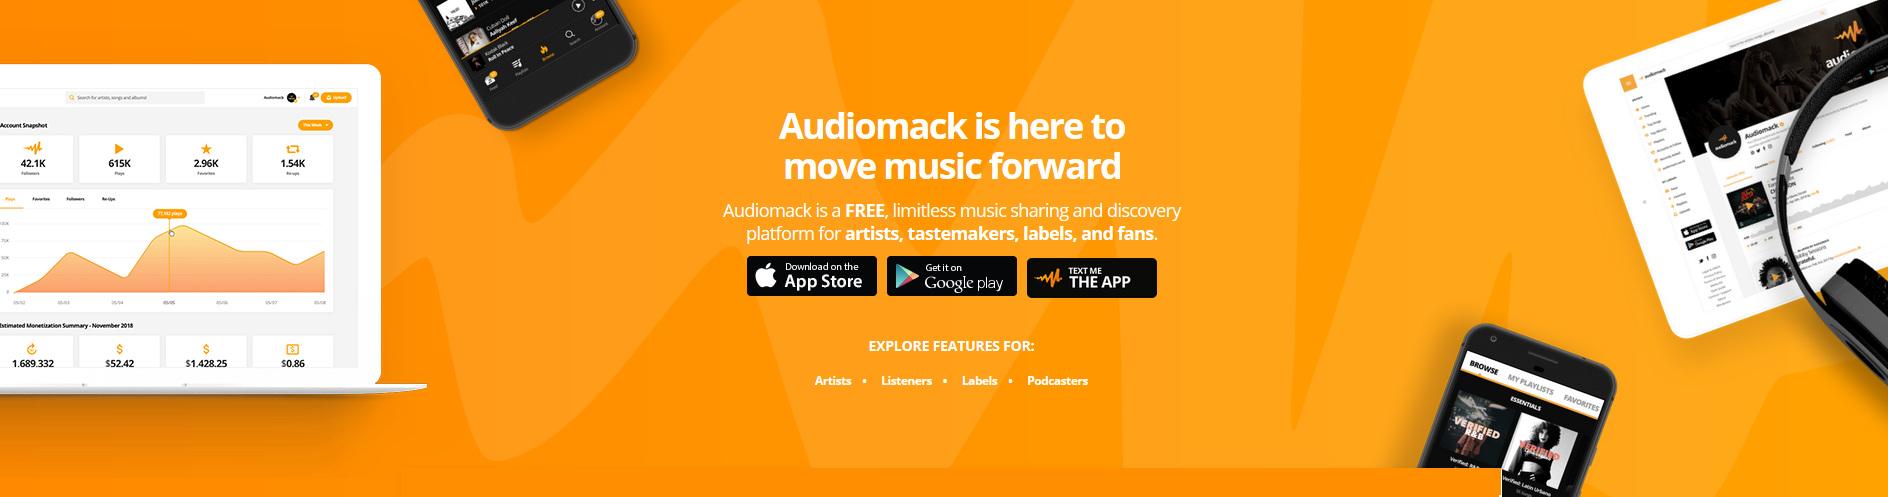 audiomack_banner.jpg